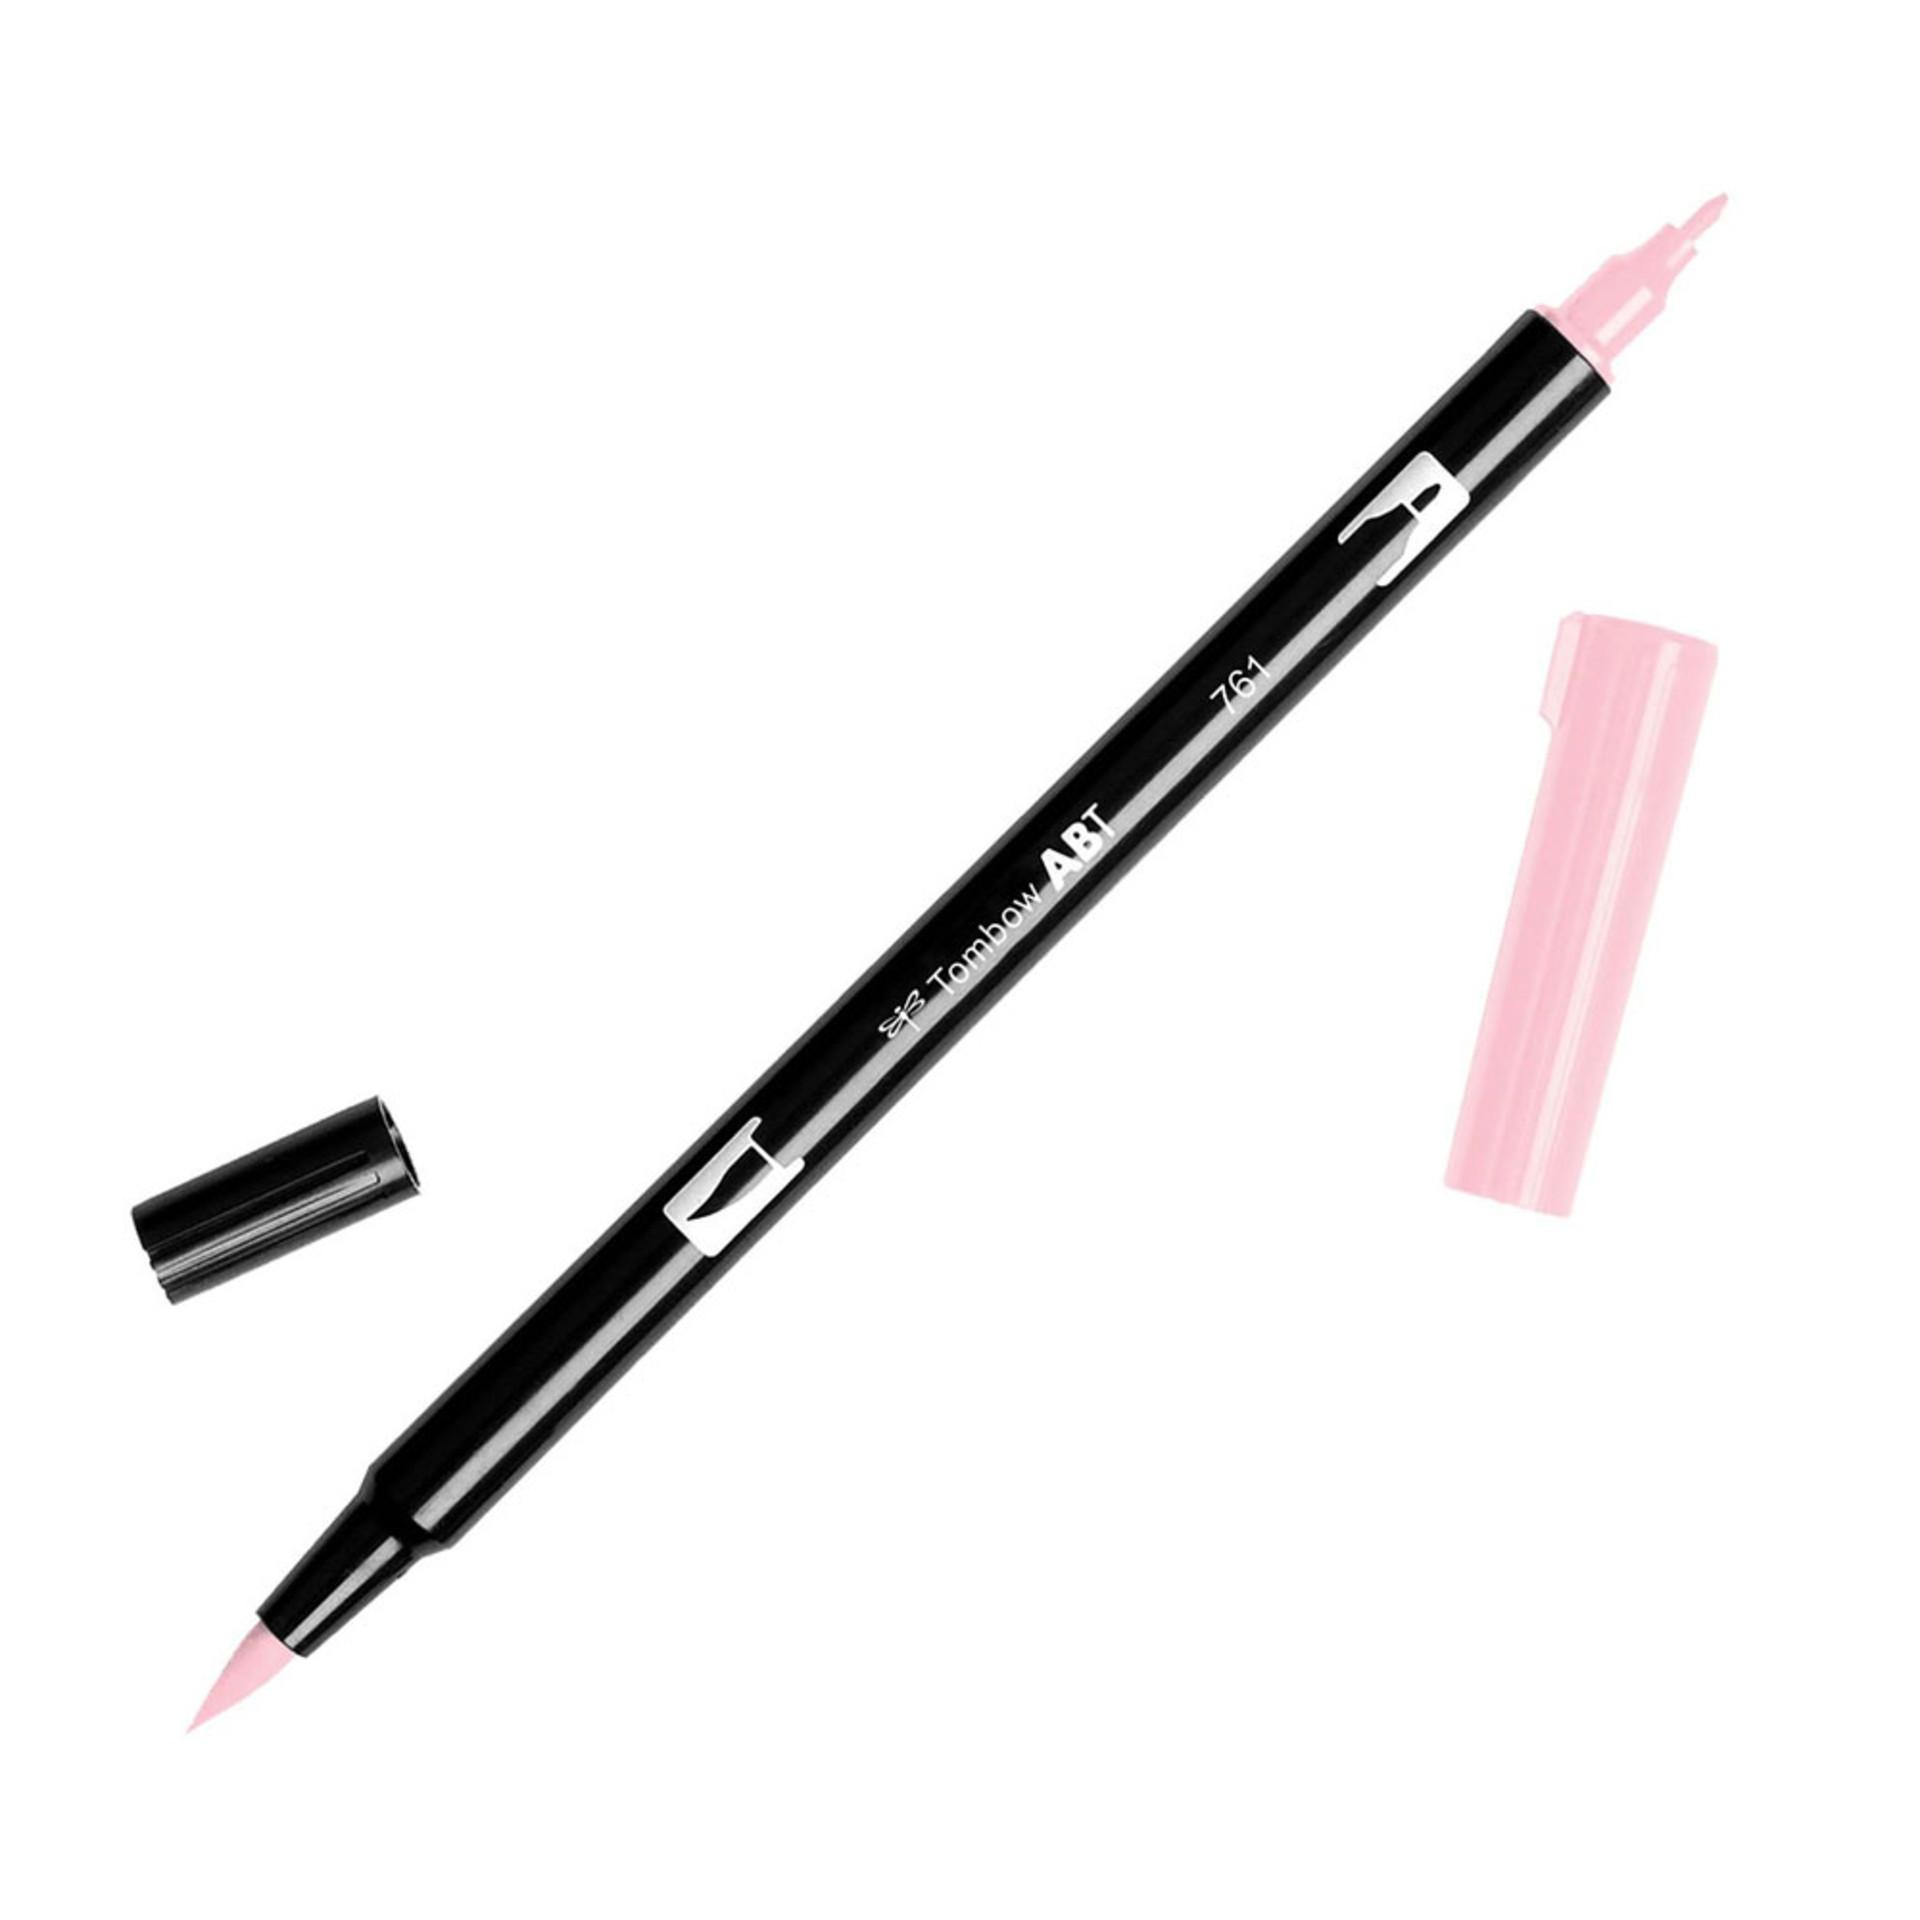 Tombow Dual-Tip Brush Marker Pen – Carnation